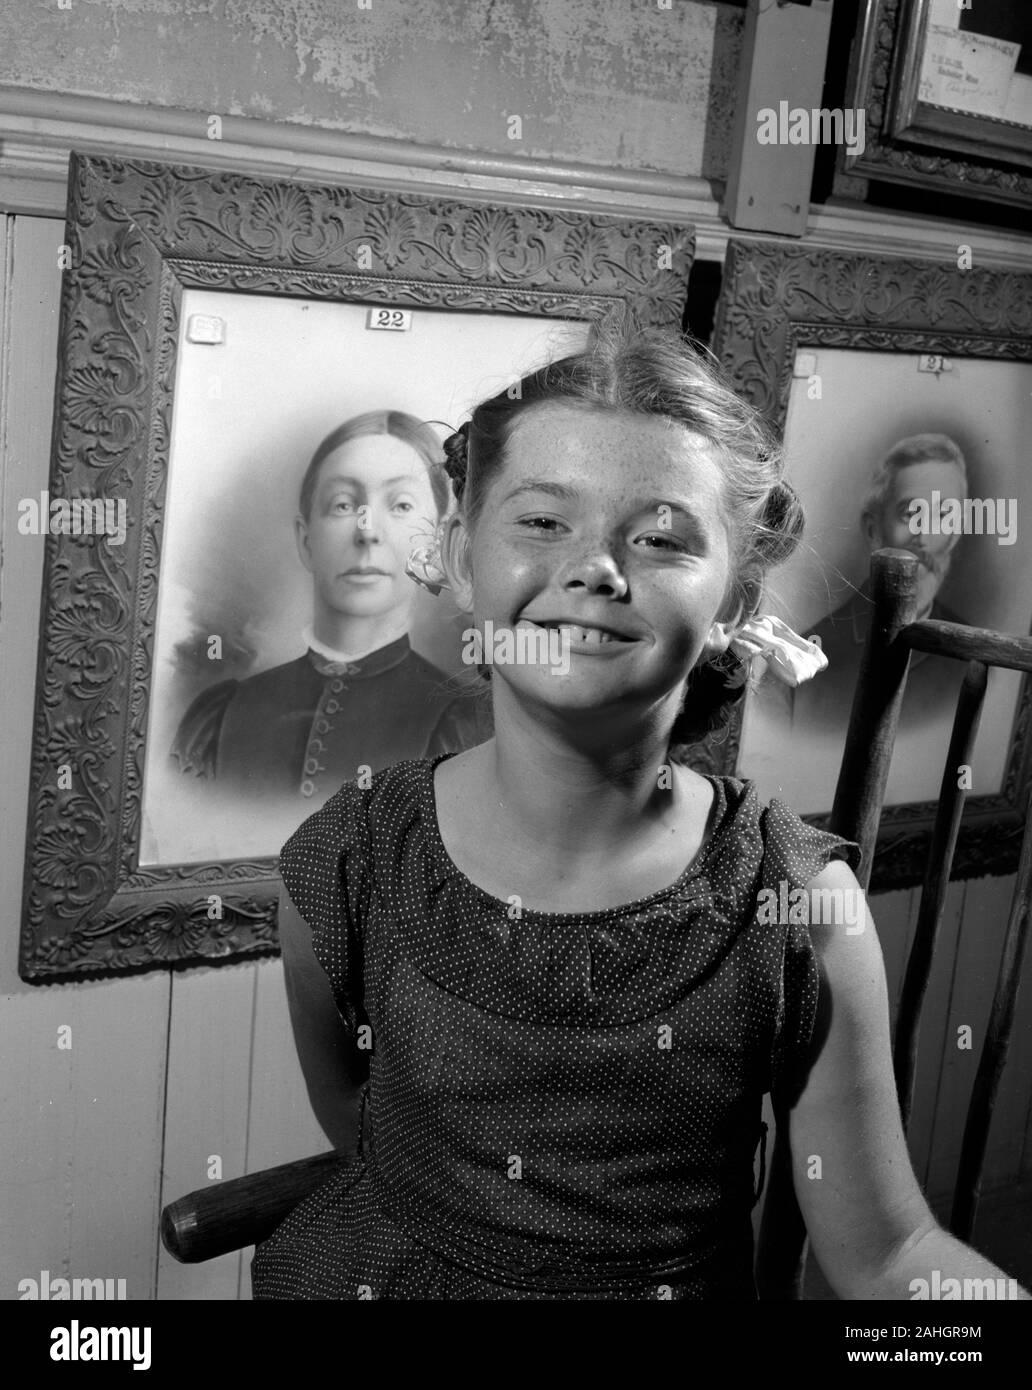 Mädchen stand vor der Porträts von Familienmitgliedern, 1946. Dies war Teil der Minnesota State Fair in 1946, wo die Menschen vor Porträts ihrer Großeltern standen genealogischen Merkmale zu illustrieren. Stockfoto